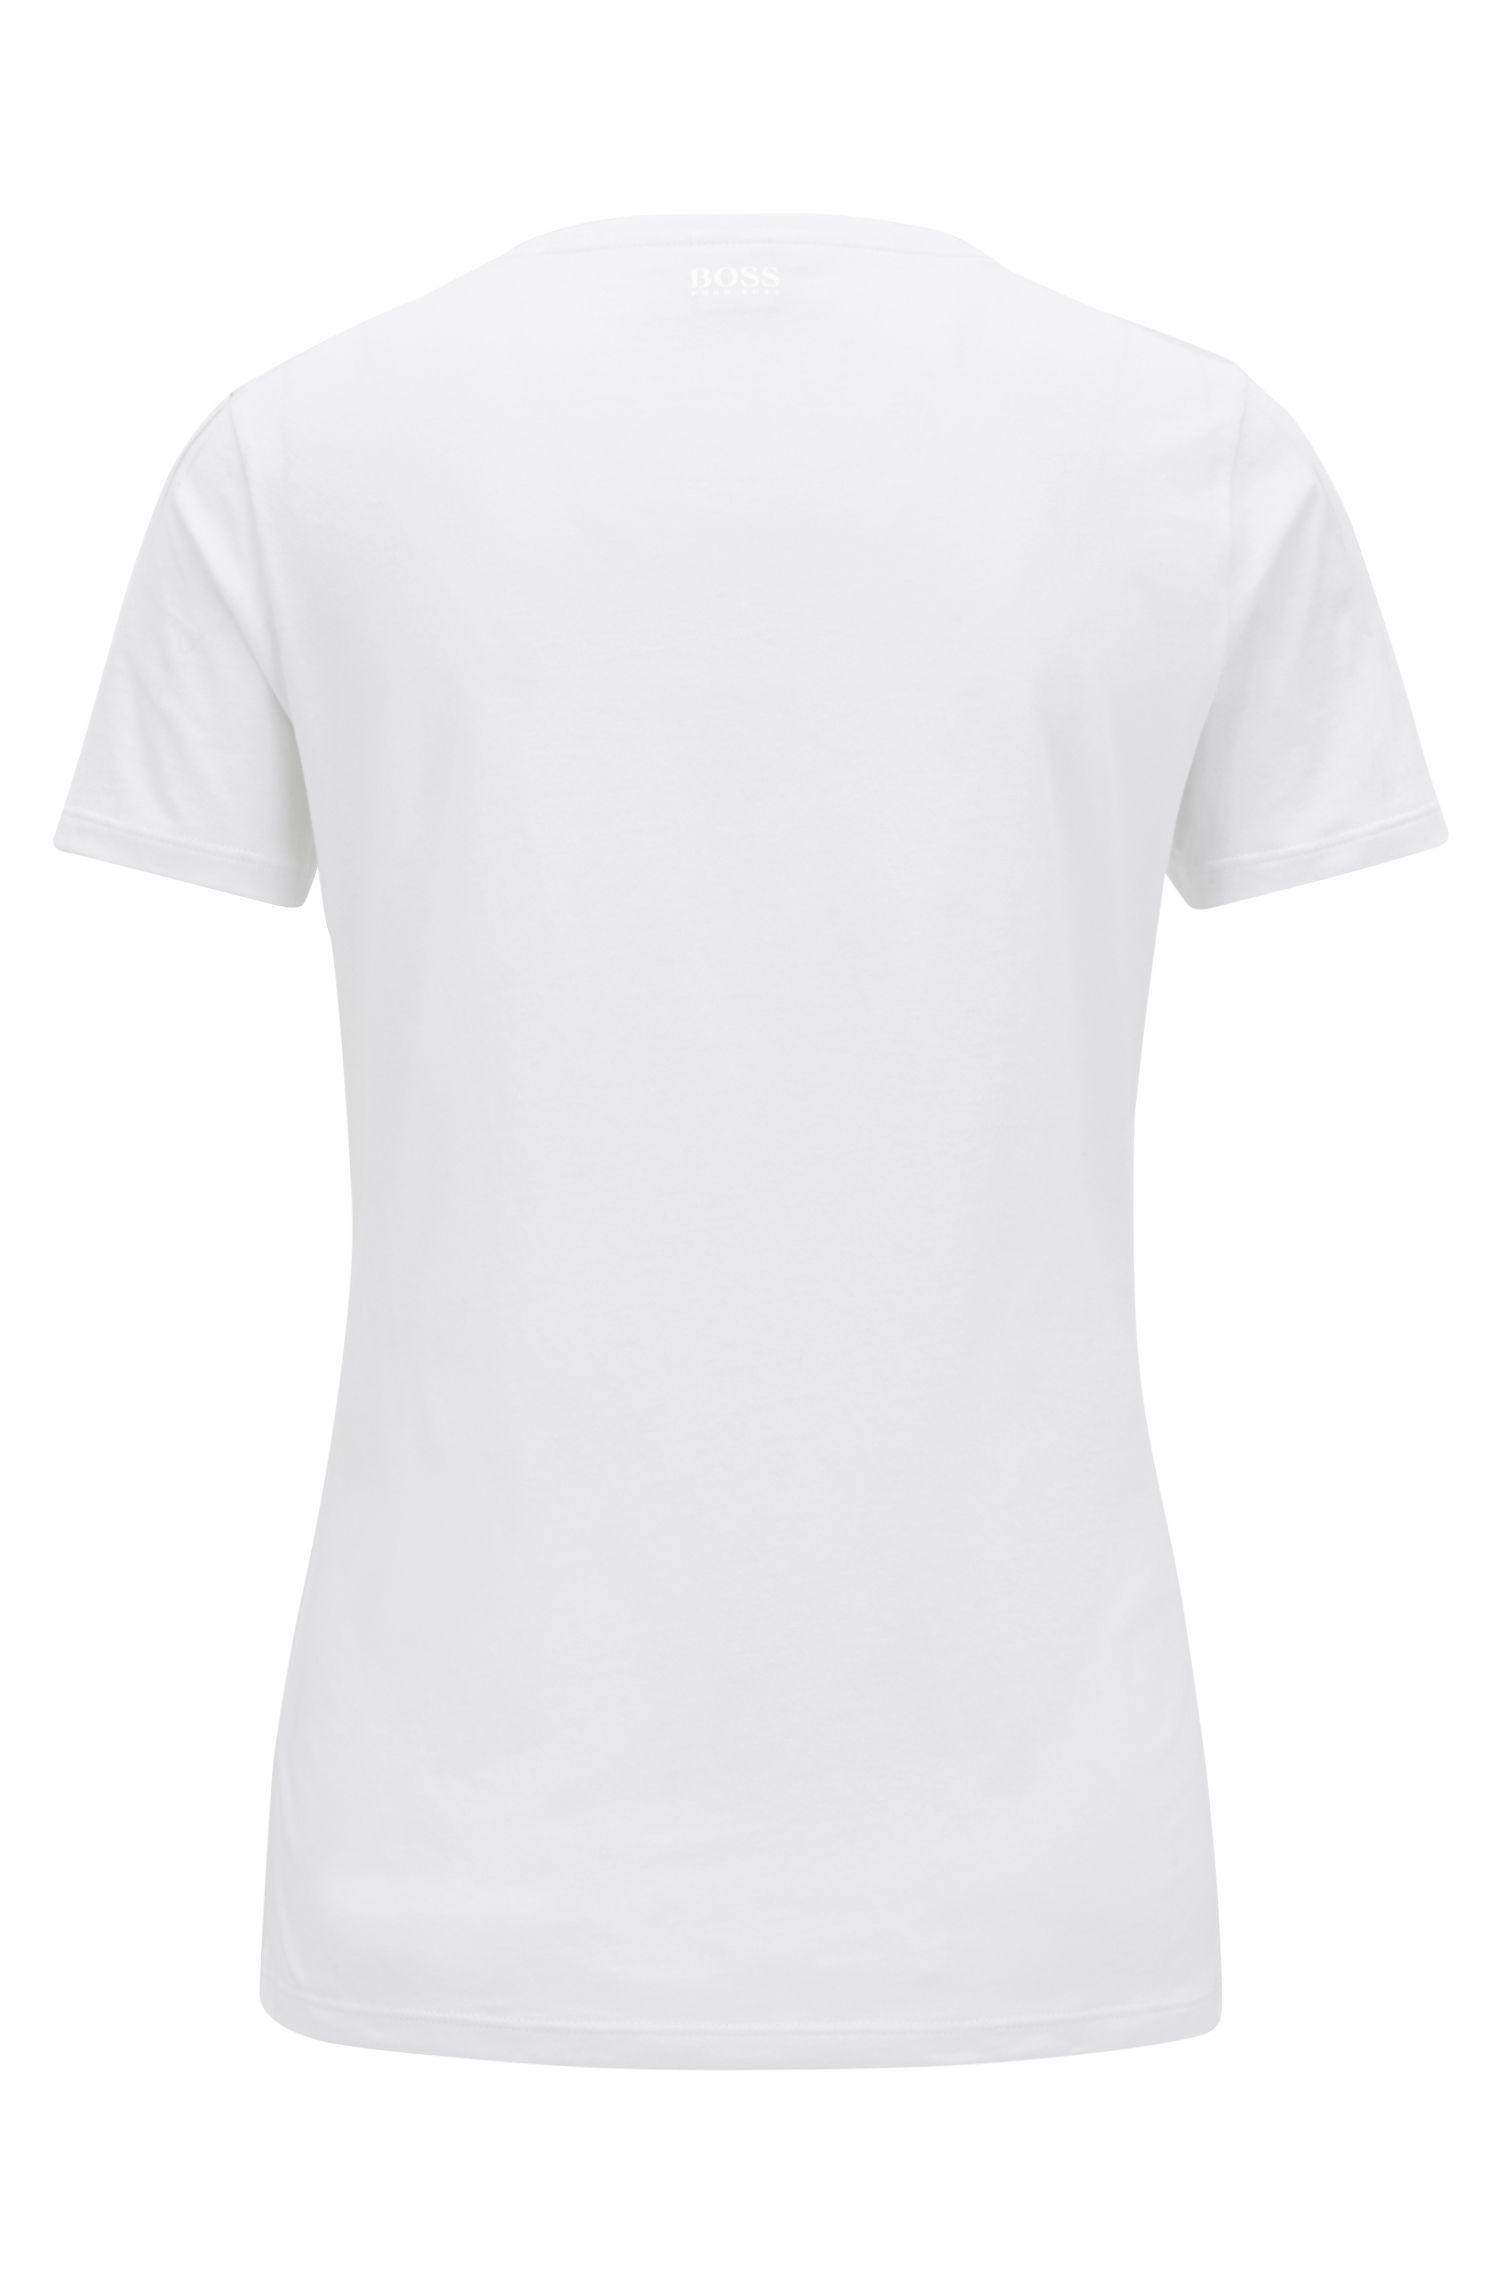 Camiseta slim fit en algodón de punto con eslogan estampado